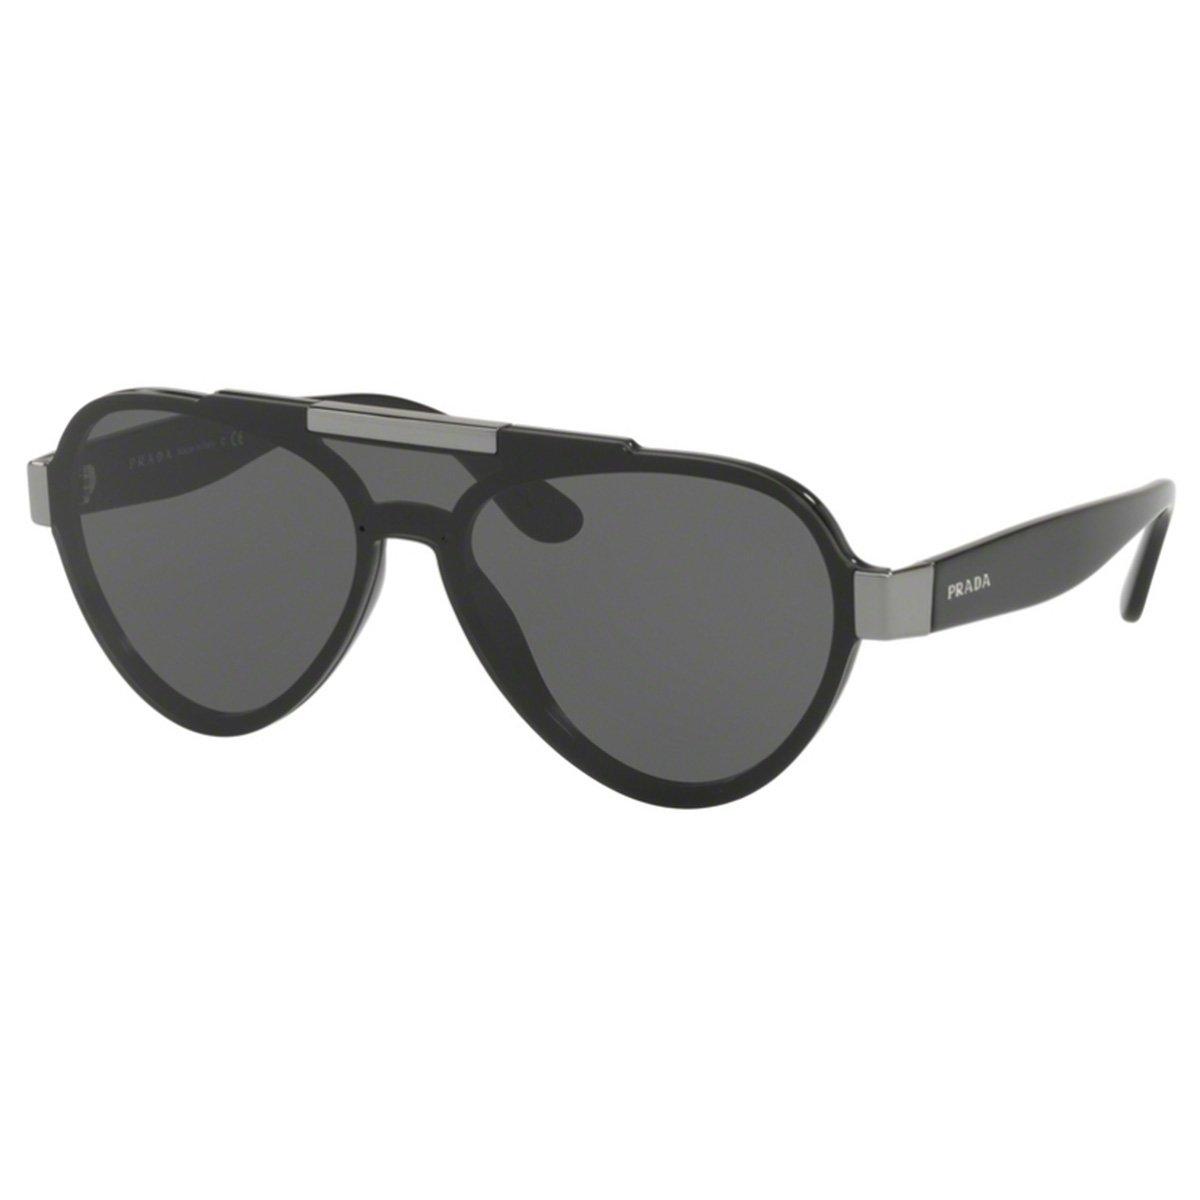 ... Compre Óculos de Sol Prada em 10X Tri-Jóia Shop b12408ca2e0242 ... 9511625b3c